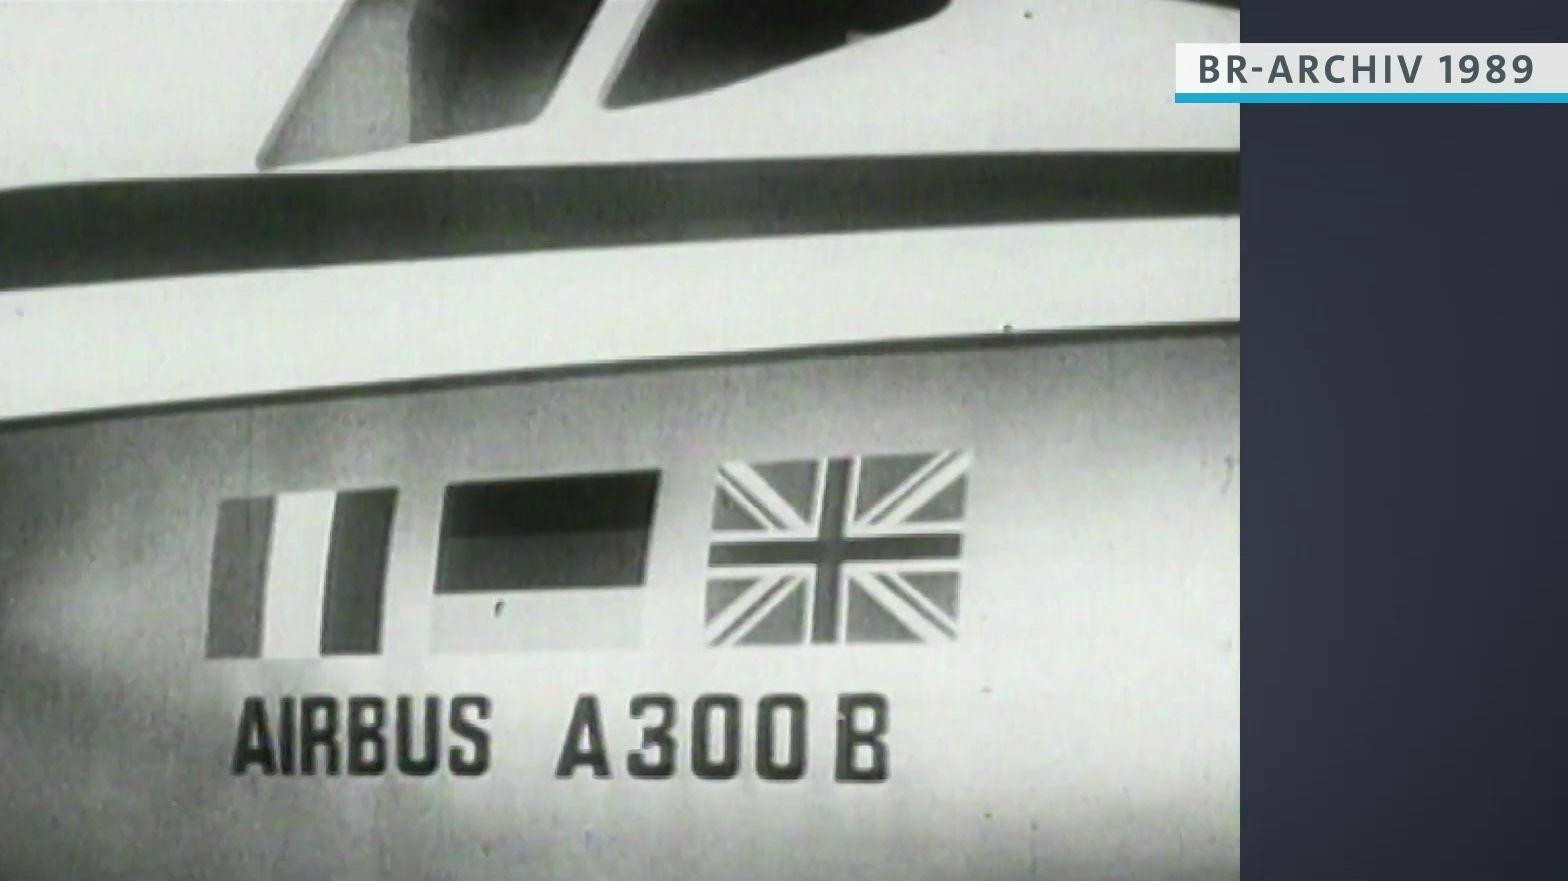 Schriftzug Airbus A 300 B